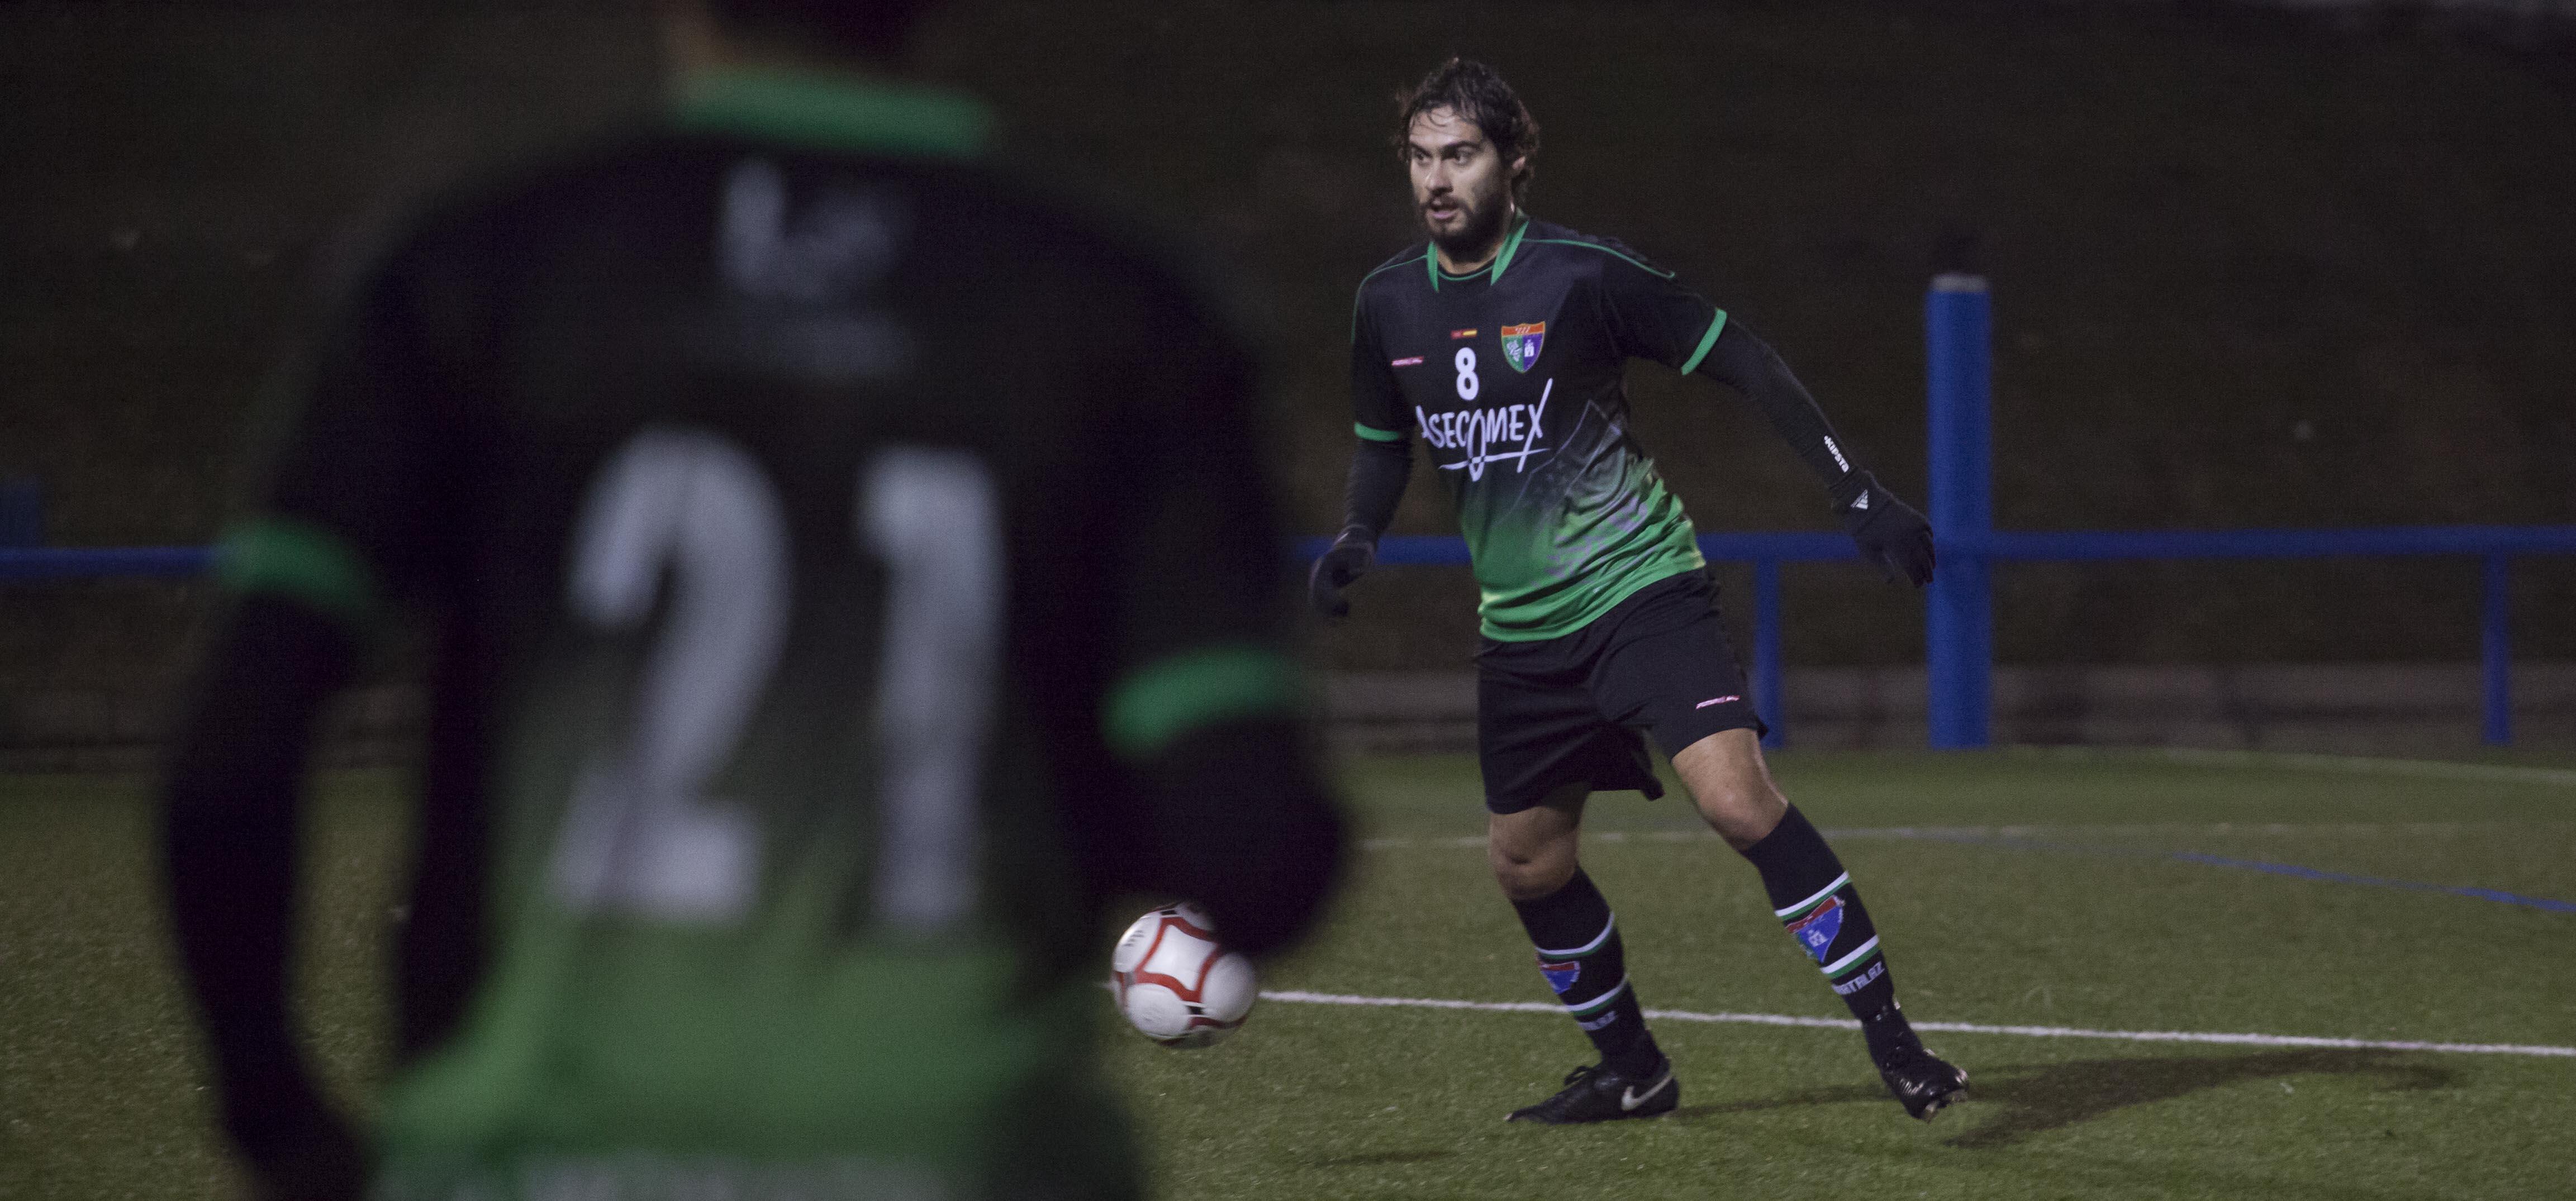 Fotos del partido Primer Equipo 0-1 CD Móstoles URJC B